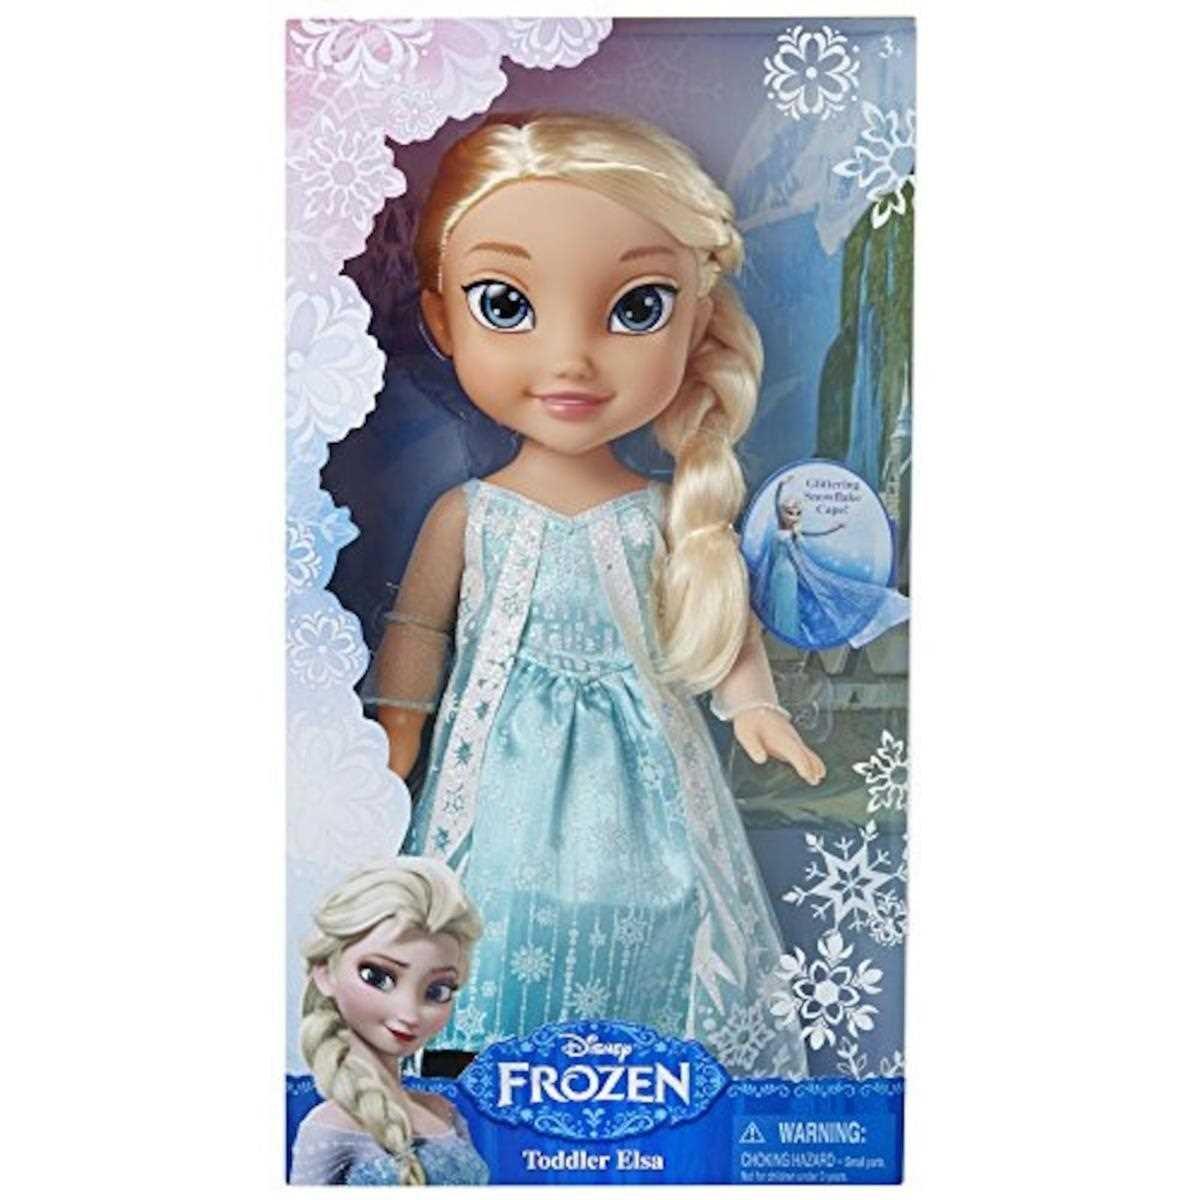 Omtyckta Frozen Elsa og Anna som barn (79513), Frozen (Disney) | MIDhobby.dk GS-36